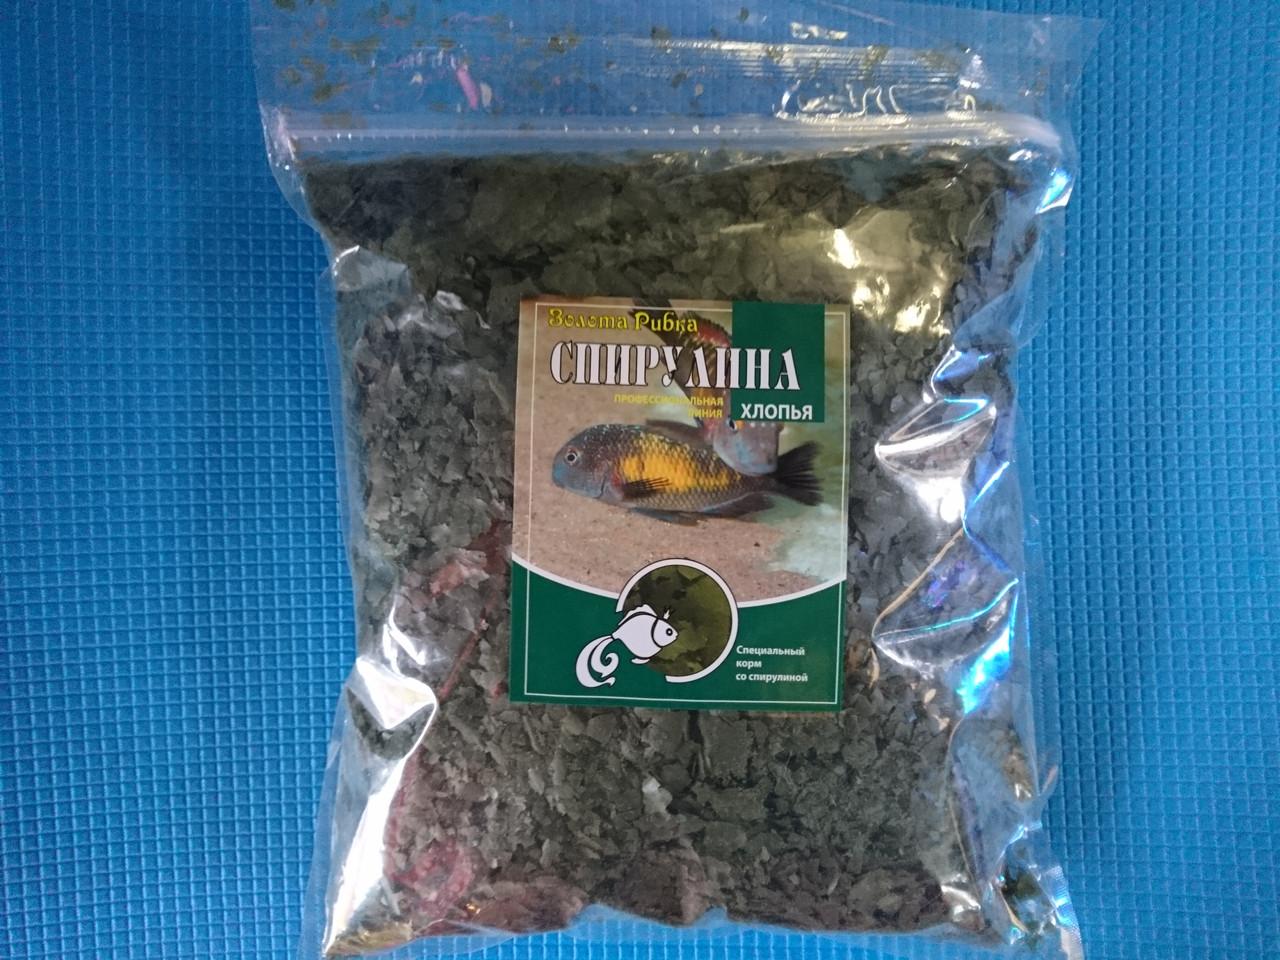 Спирулина - растительный корм в хлопьях со спирулиной, 500г